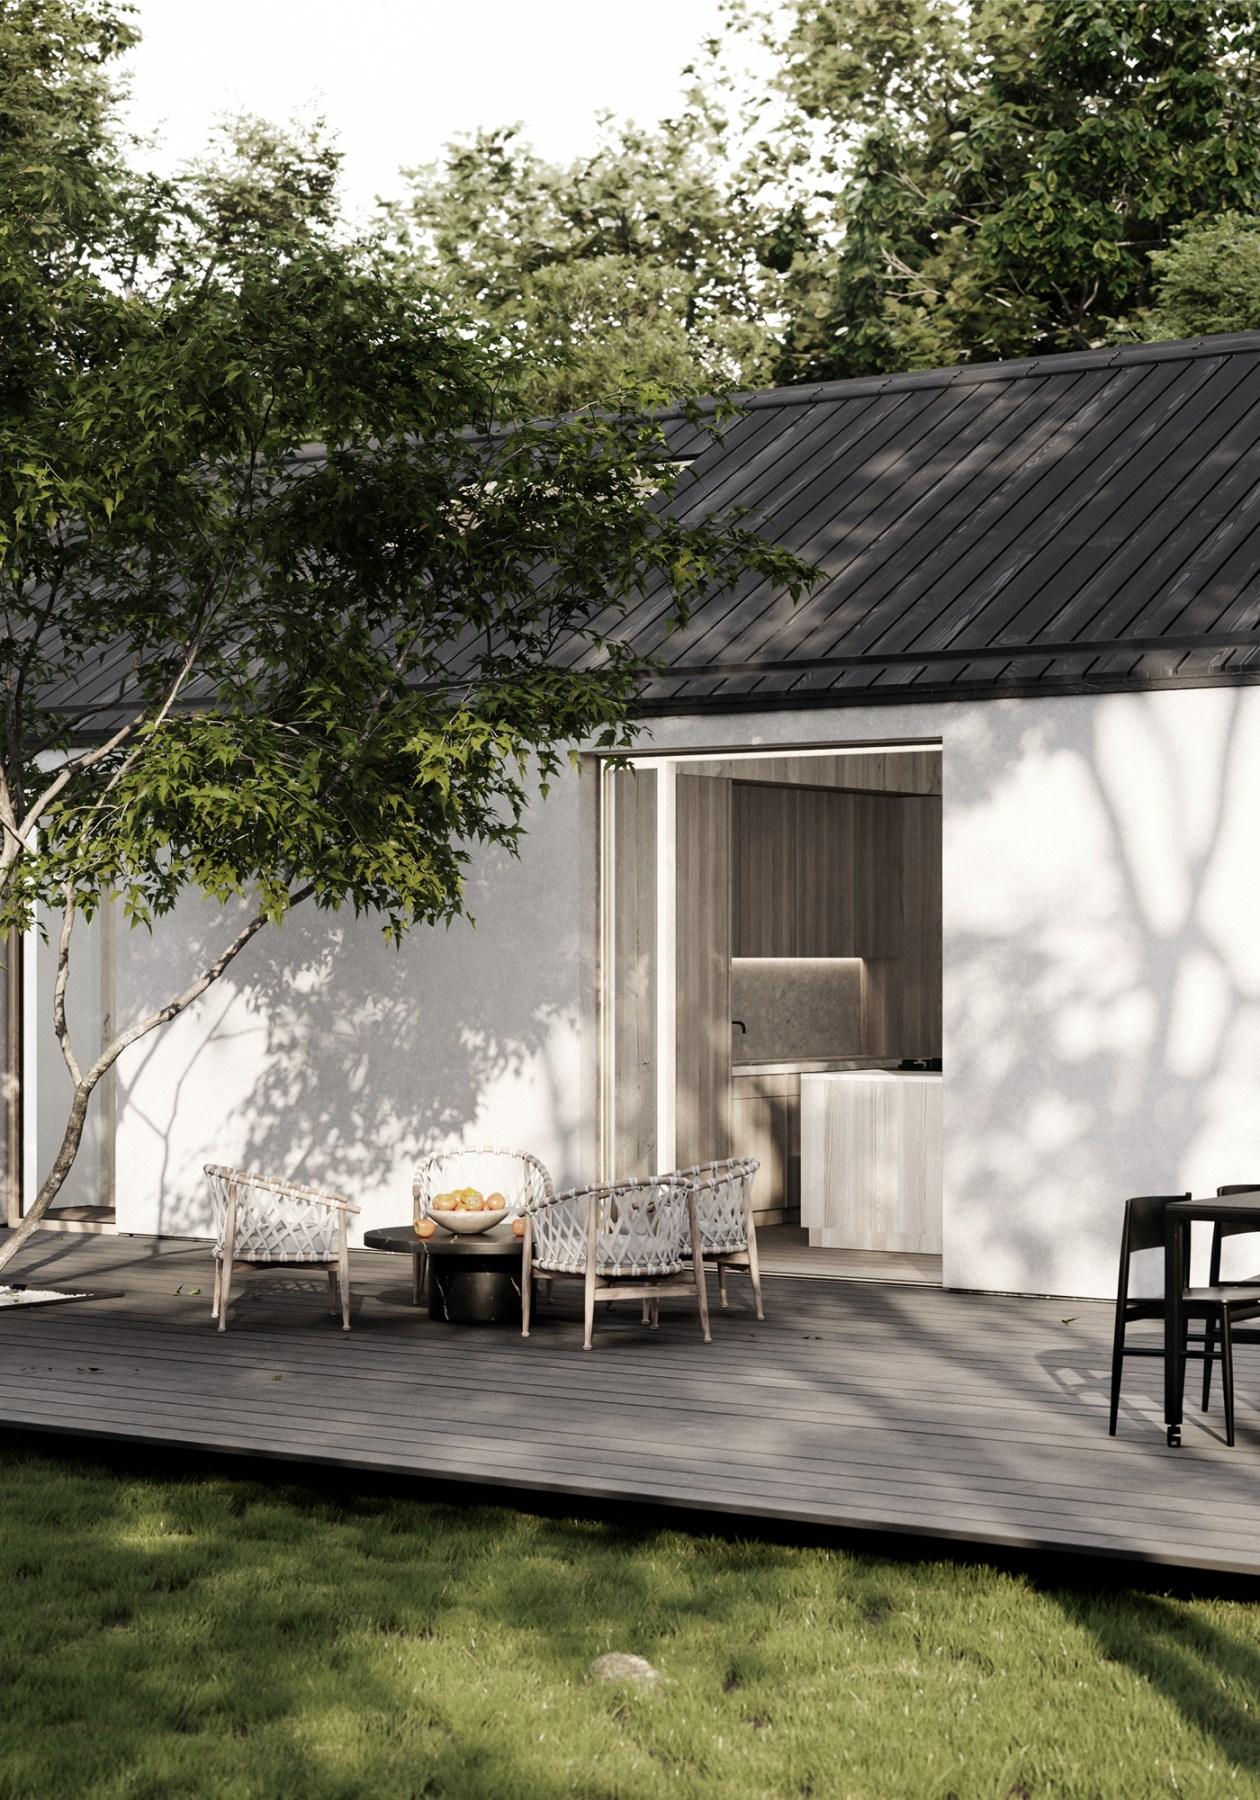 maison honei sim house fiable esthétique et responsable terrasse